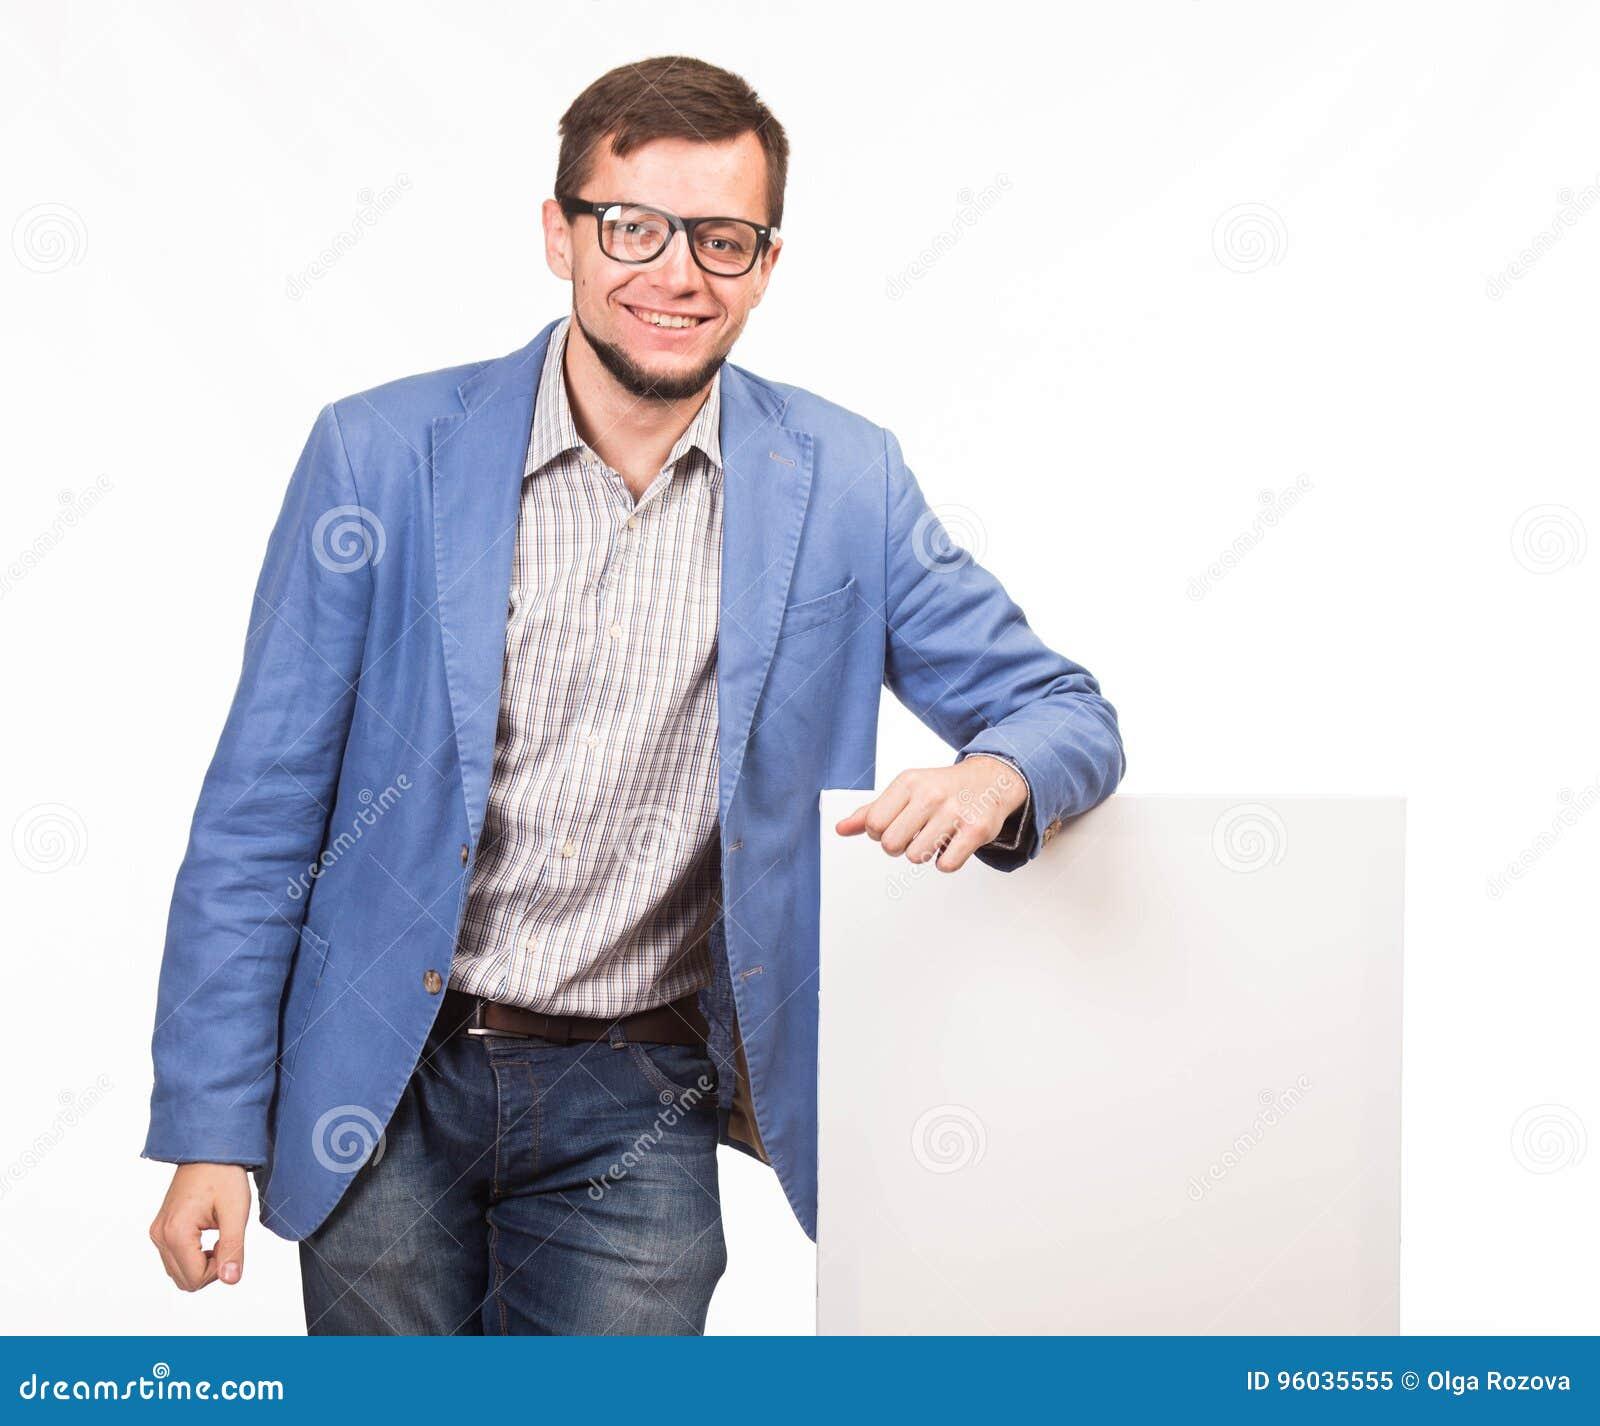 Młody szczęśliwy mężczyzna pokazuje prezentację, wskazuje na plakacie